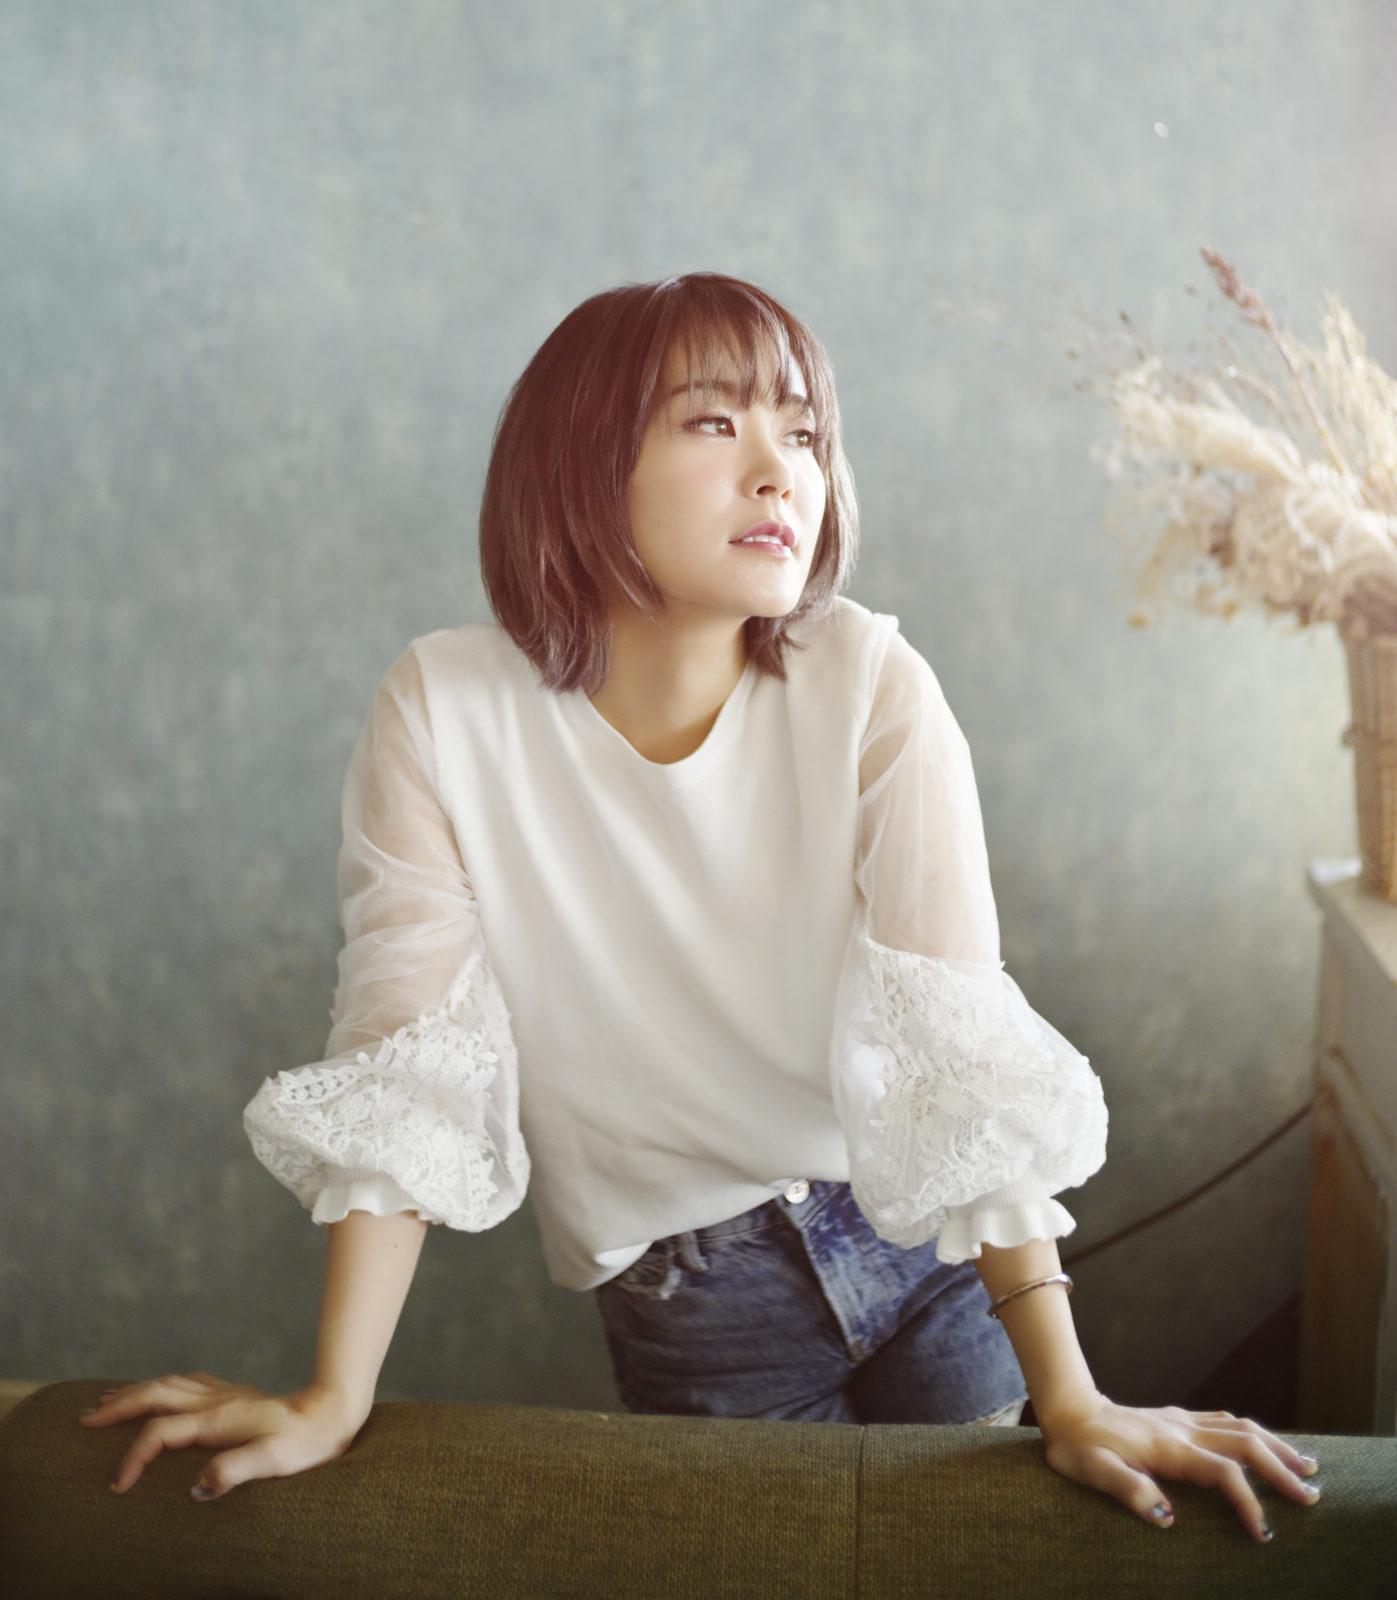 森恵のニューカヴァーアルバムに矢井田瞳がコーラスとして参加、俳優・山田裕貴からコメントも到着サムネイル画像